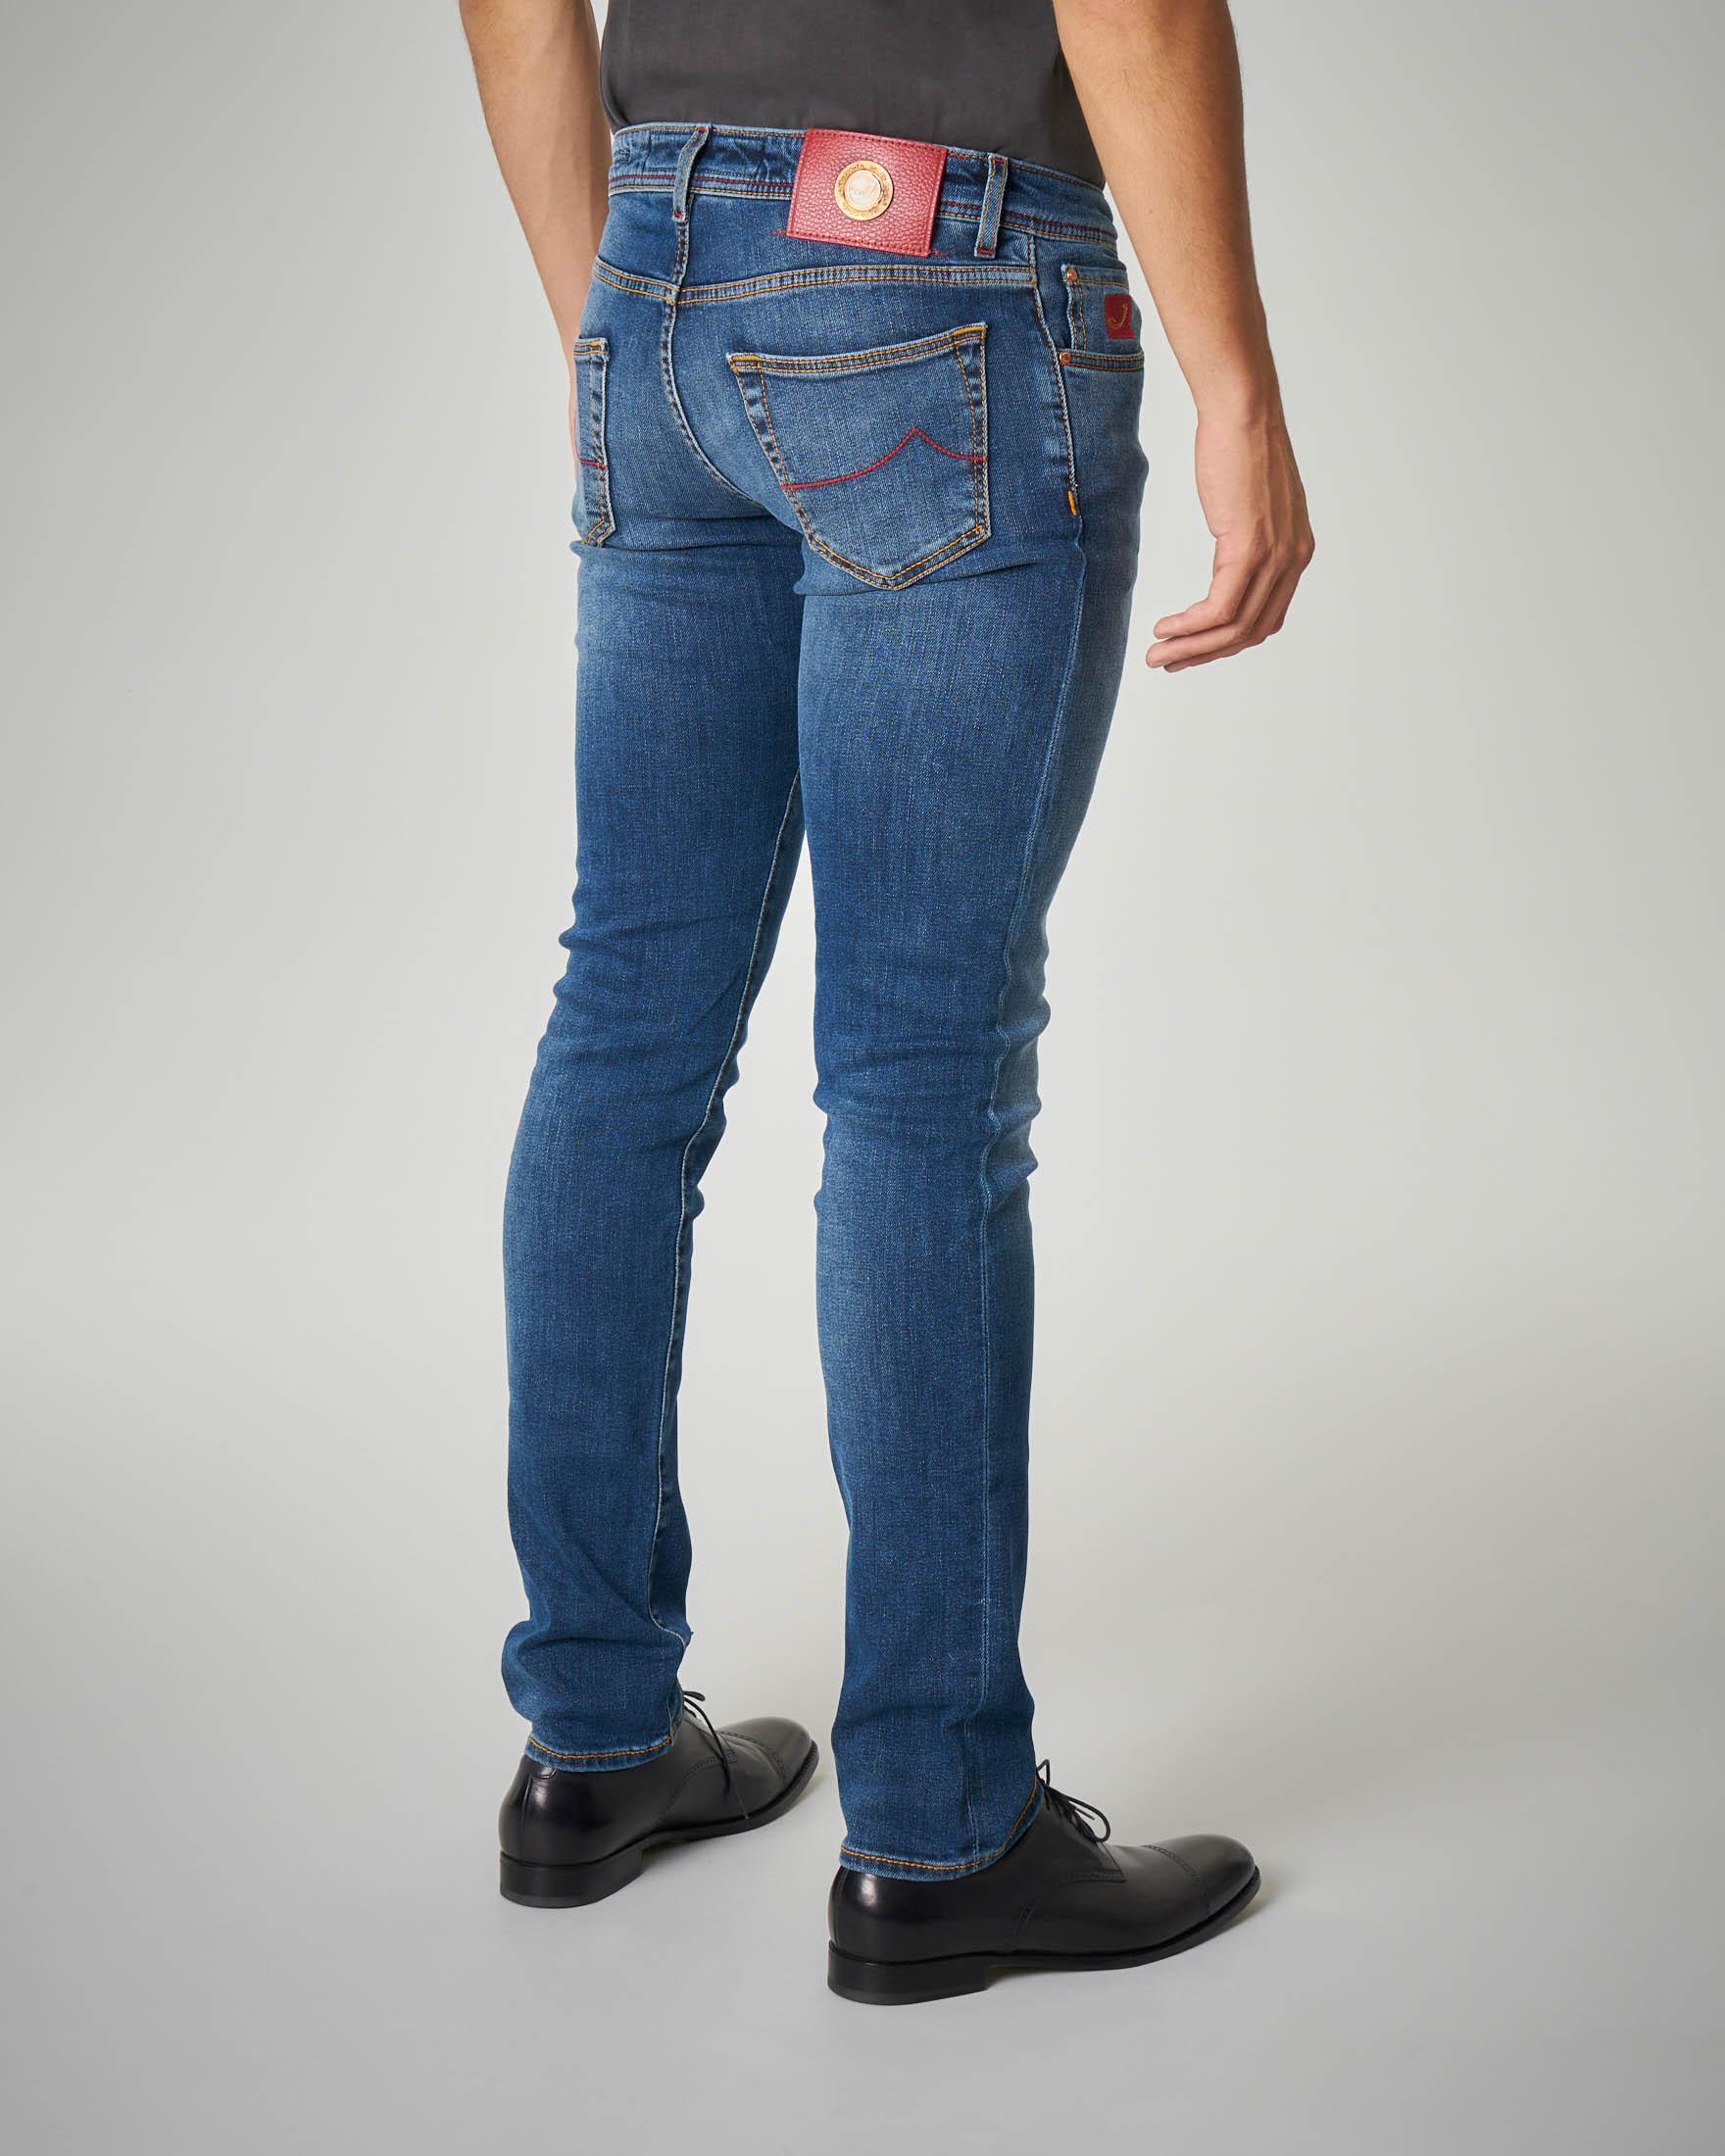 Jeans lavaggio medio-chiaro